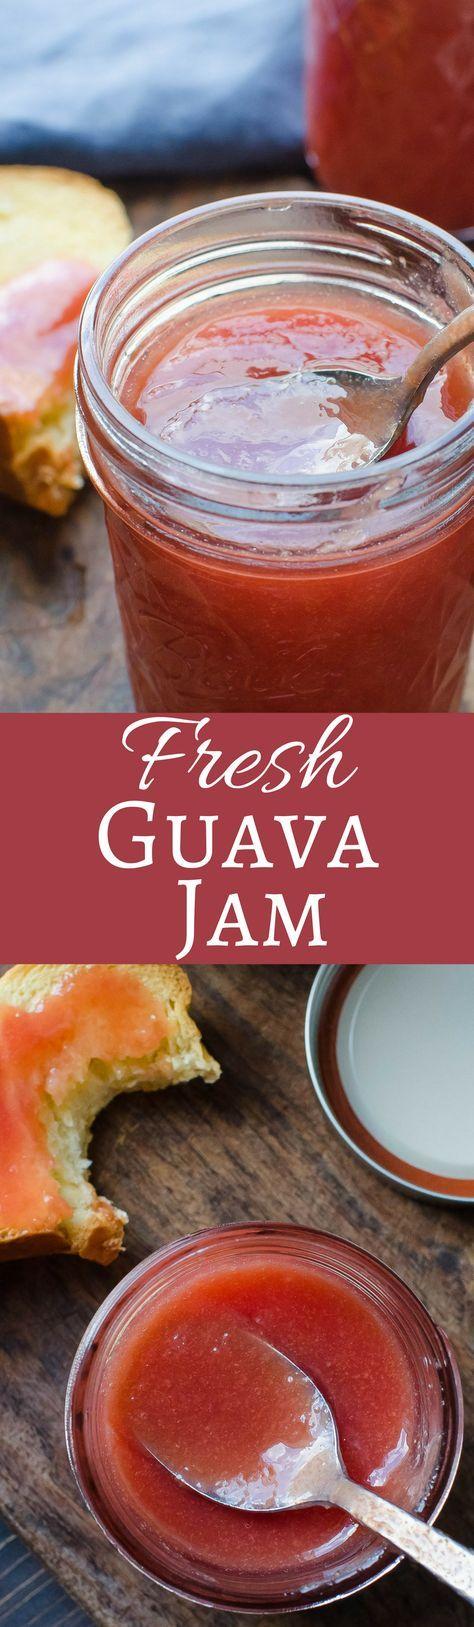 Fresh Guava Jam | Garlic & Zest